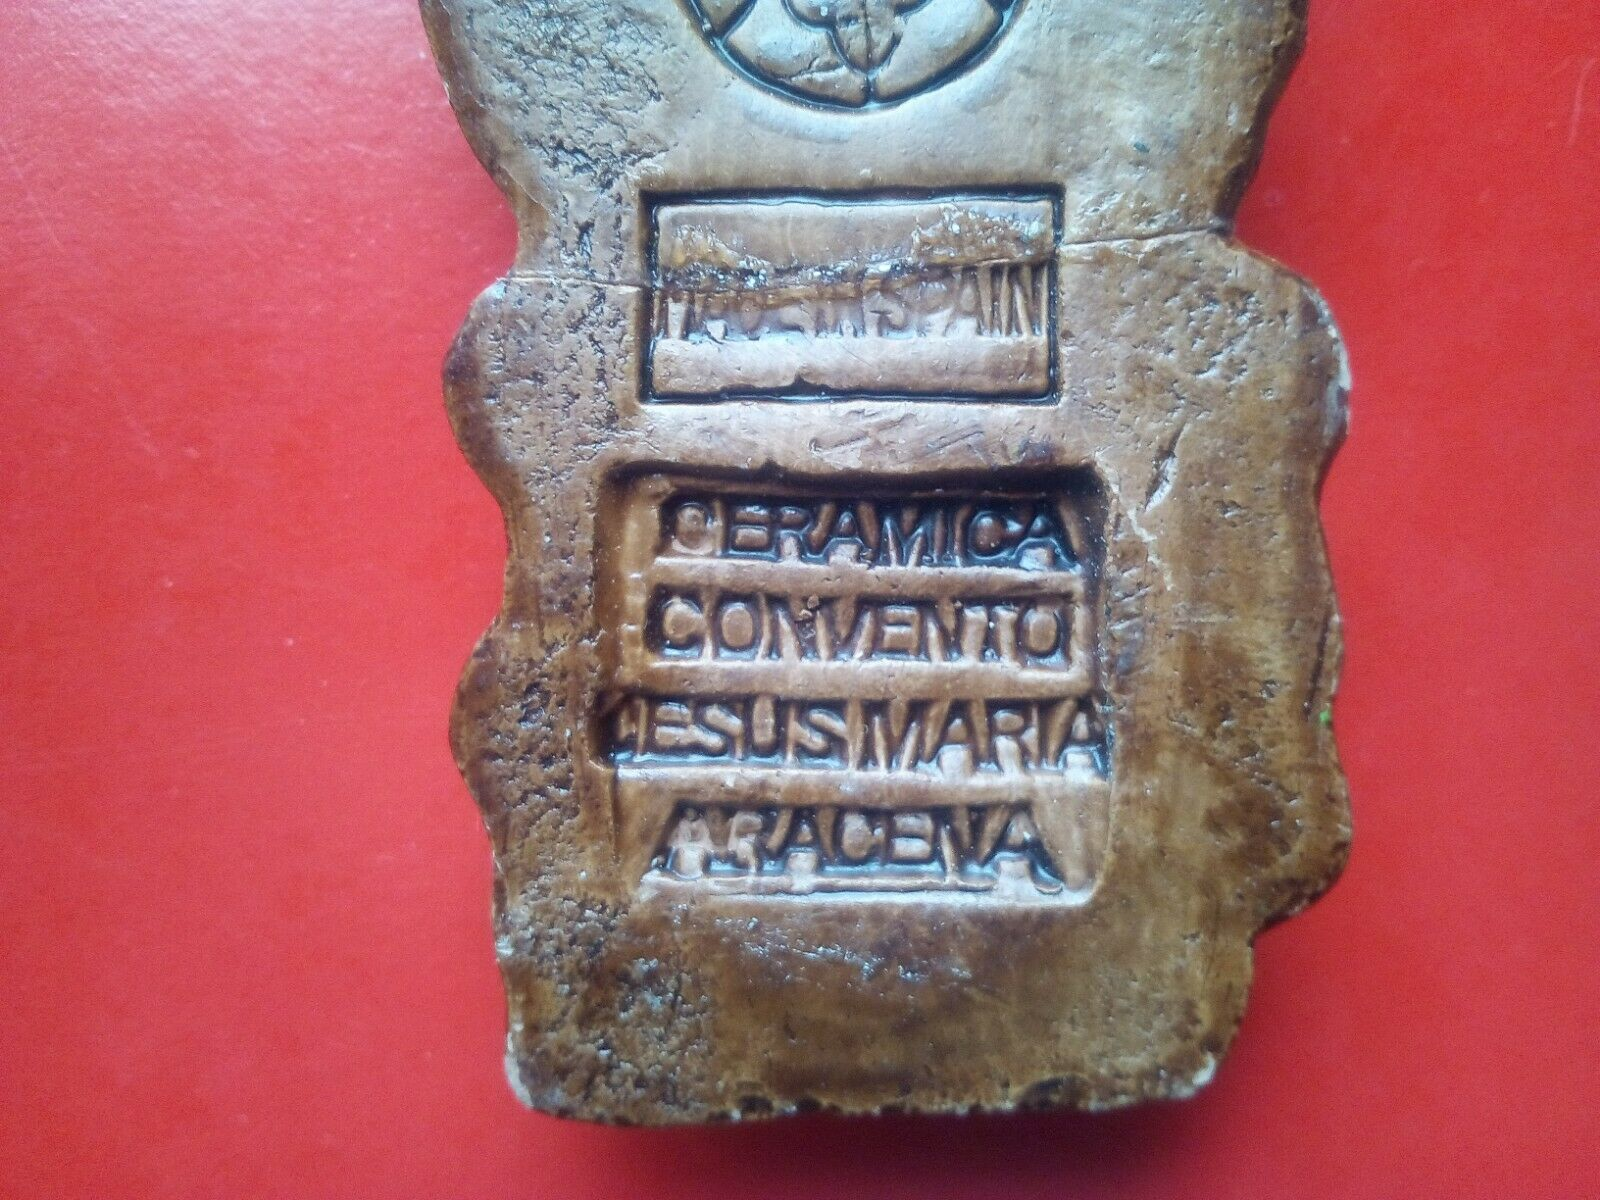 Jolie figurine chouette ceramica ceramica ceramica convento Jesus Maria aracena Espagne 141G .D14 6c27c1